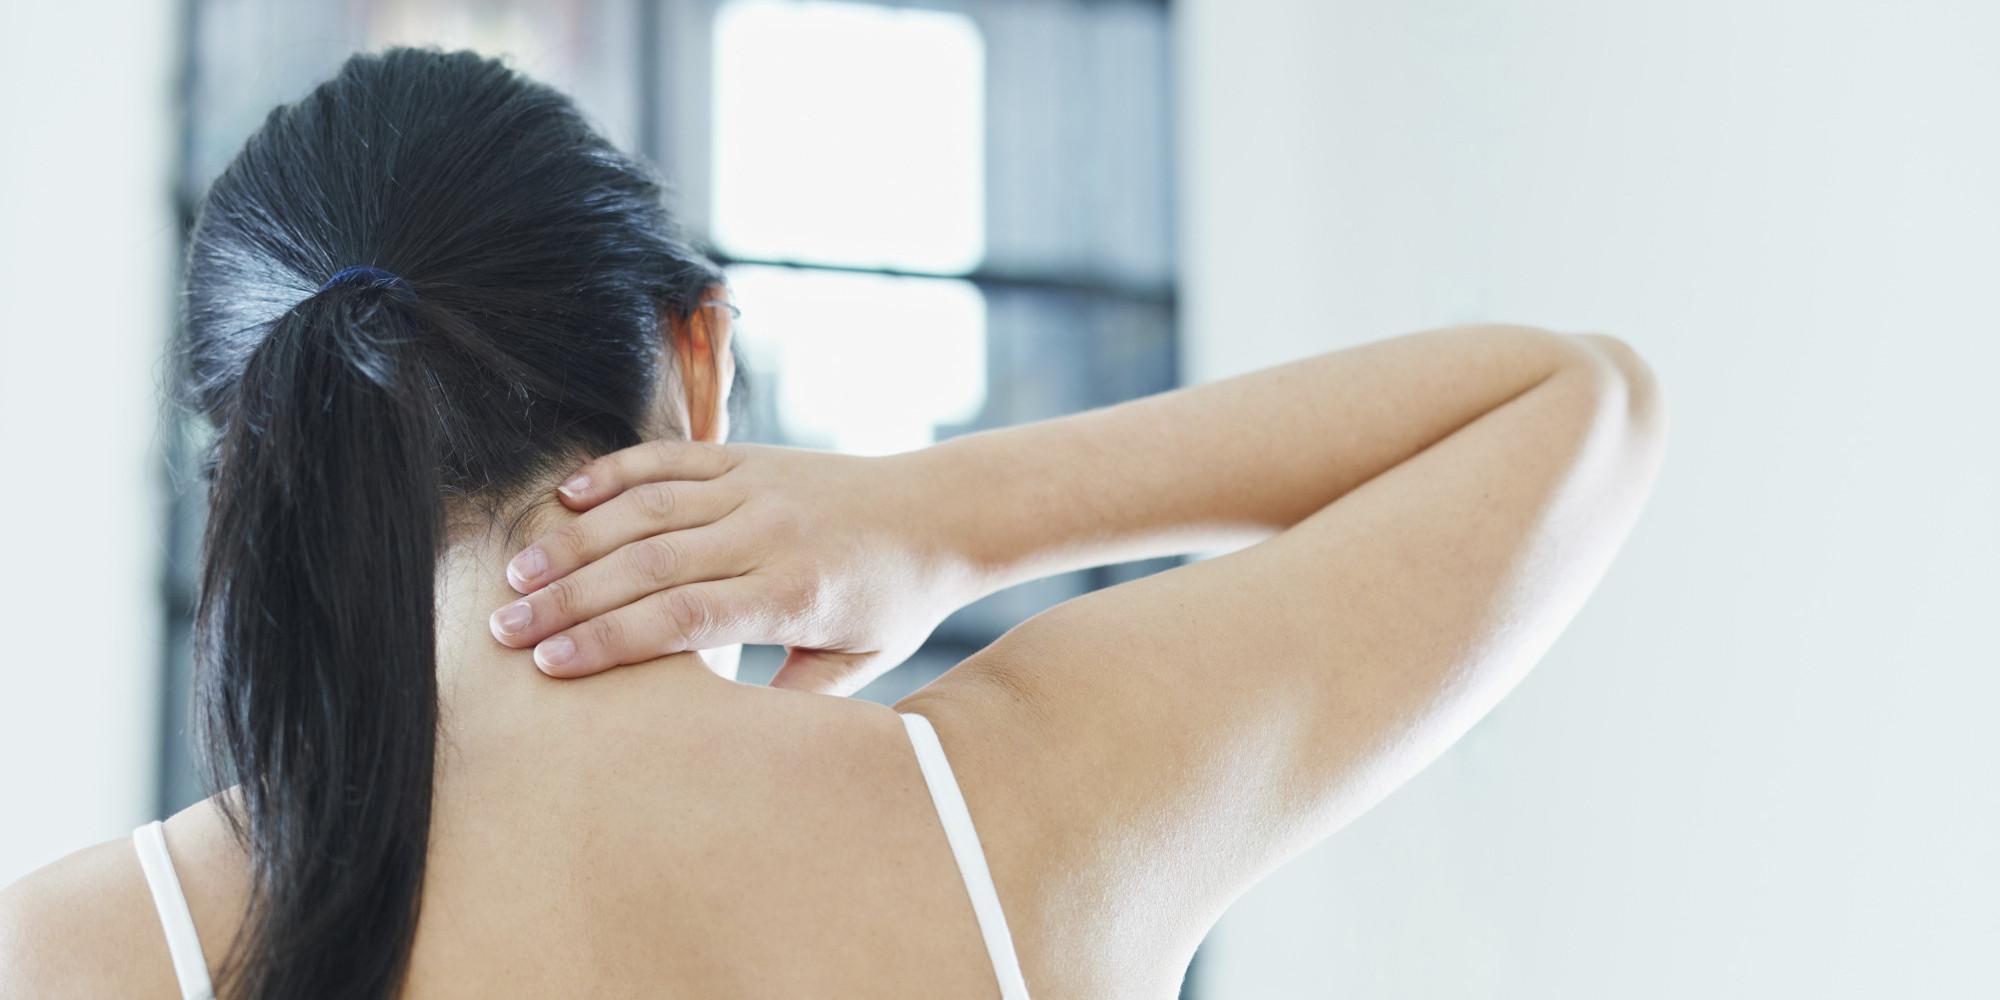 Les raisons osteokhondroza des articulations